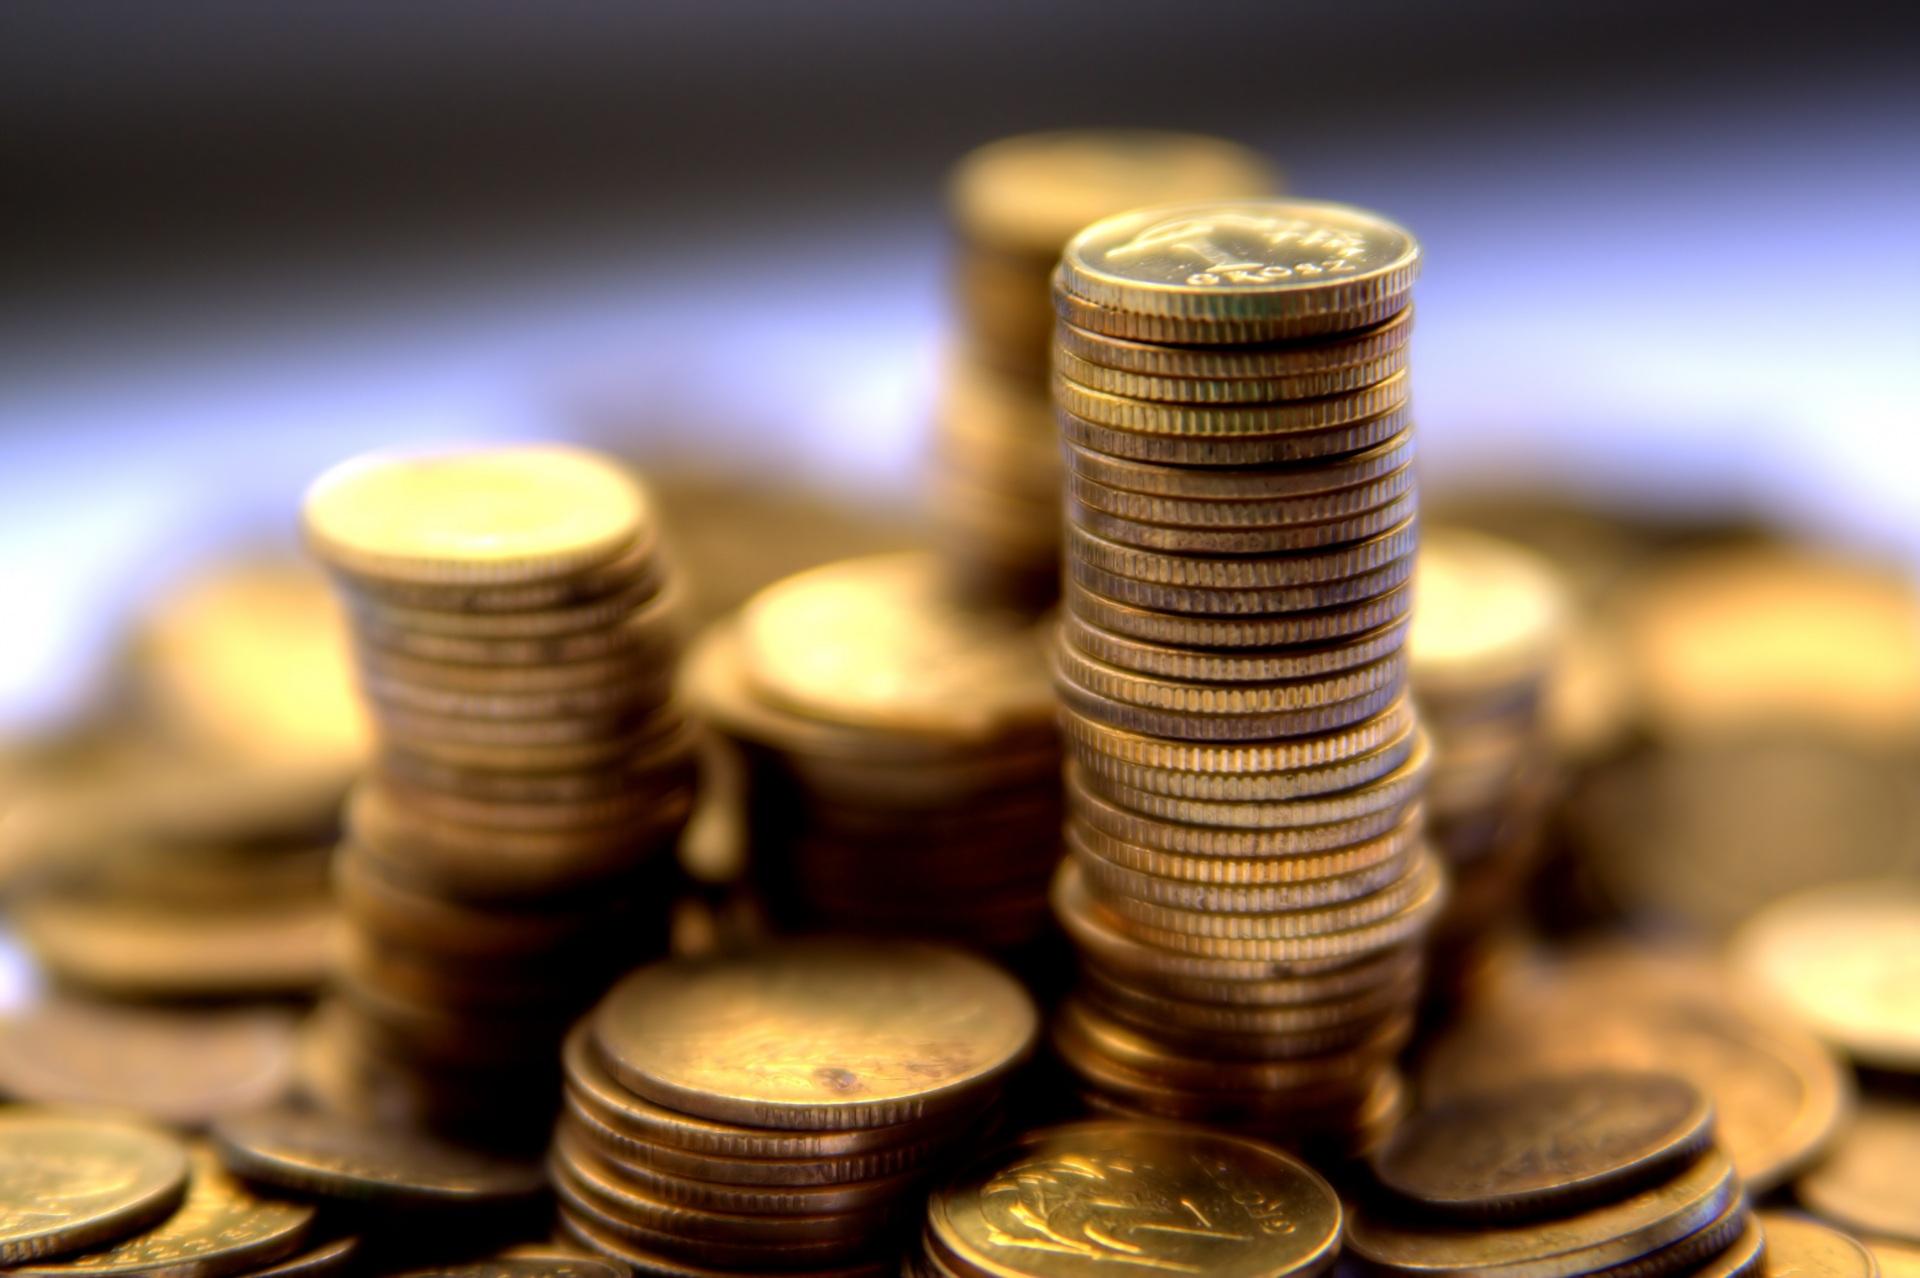 Фото Монеты Размытый фон Деньги Много Крупным планом 1920x1278 боке вблизи